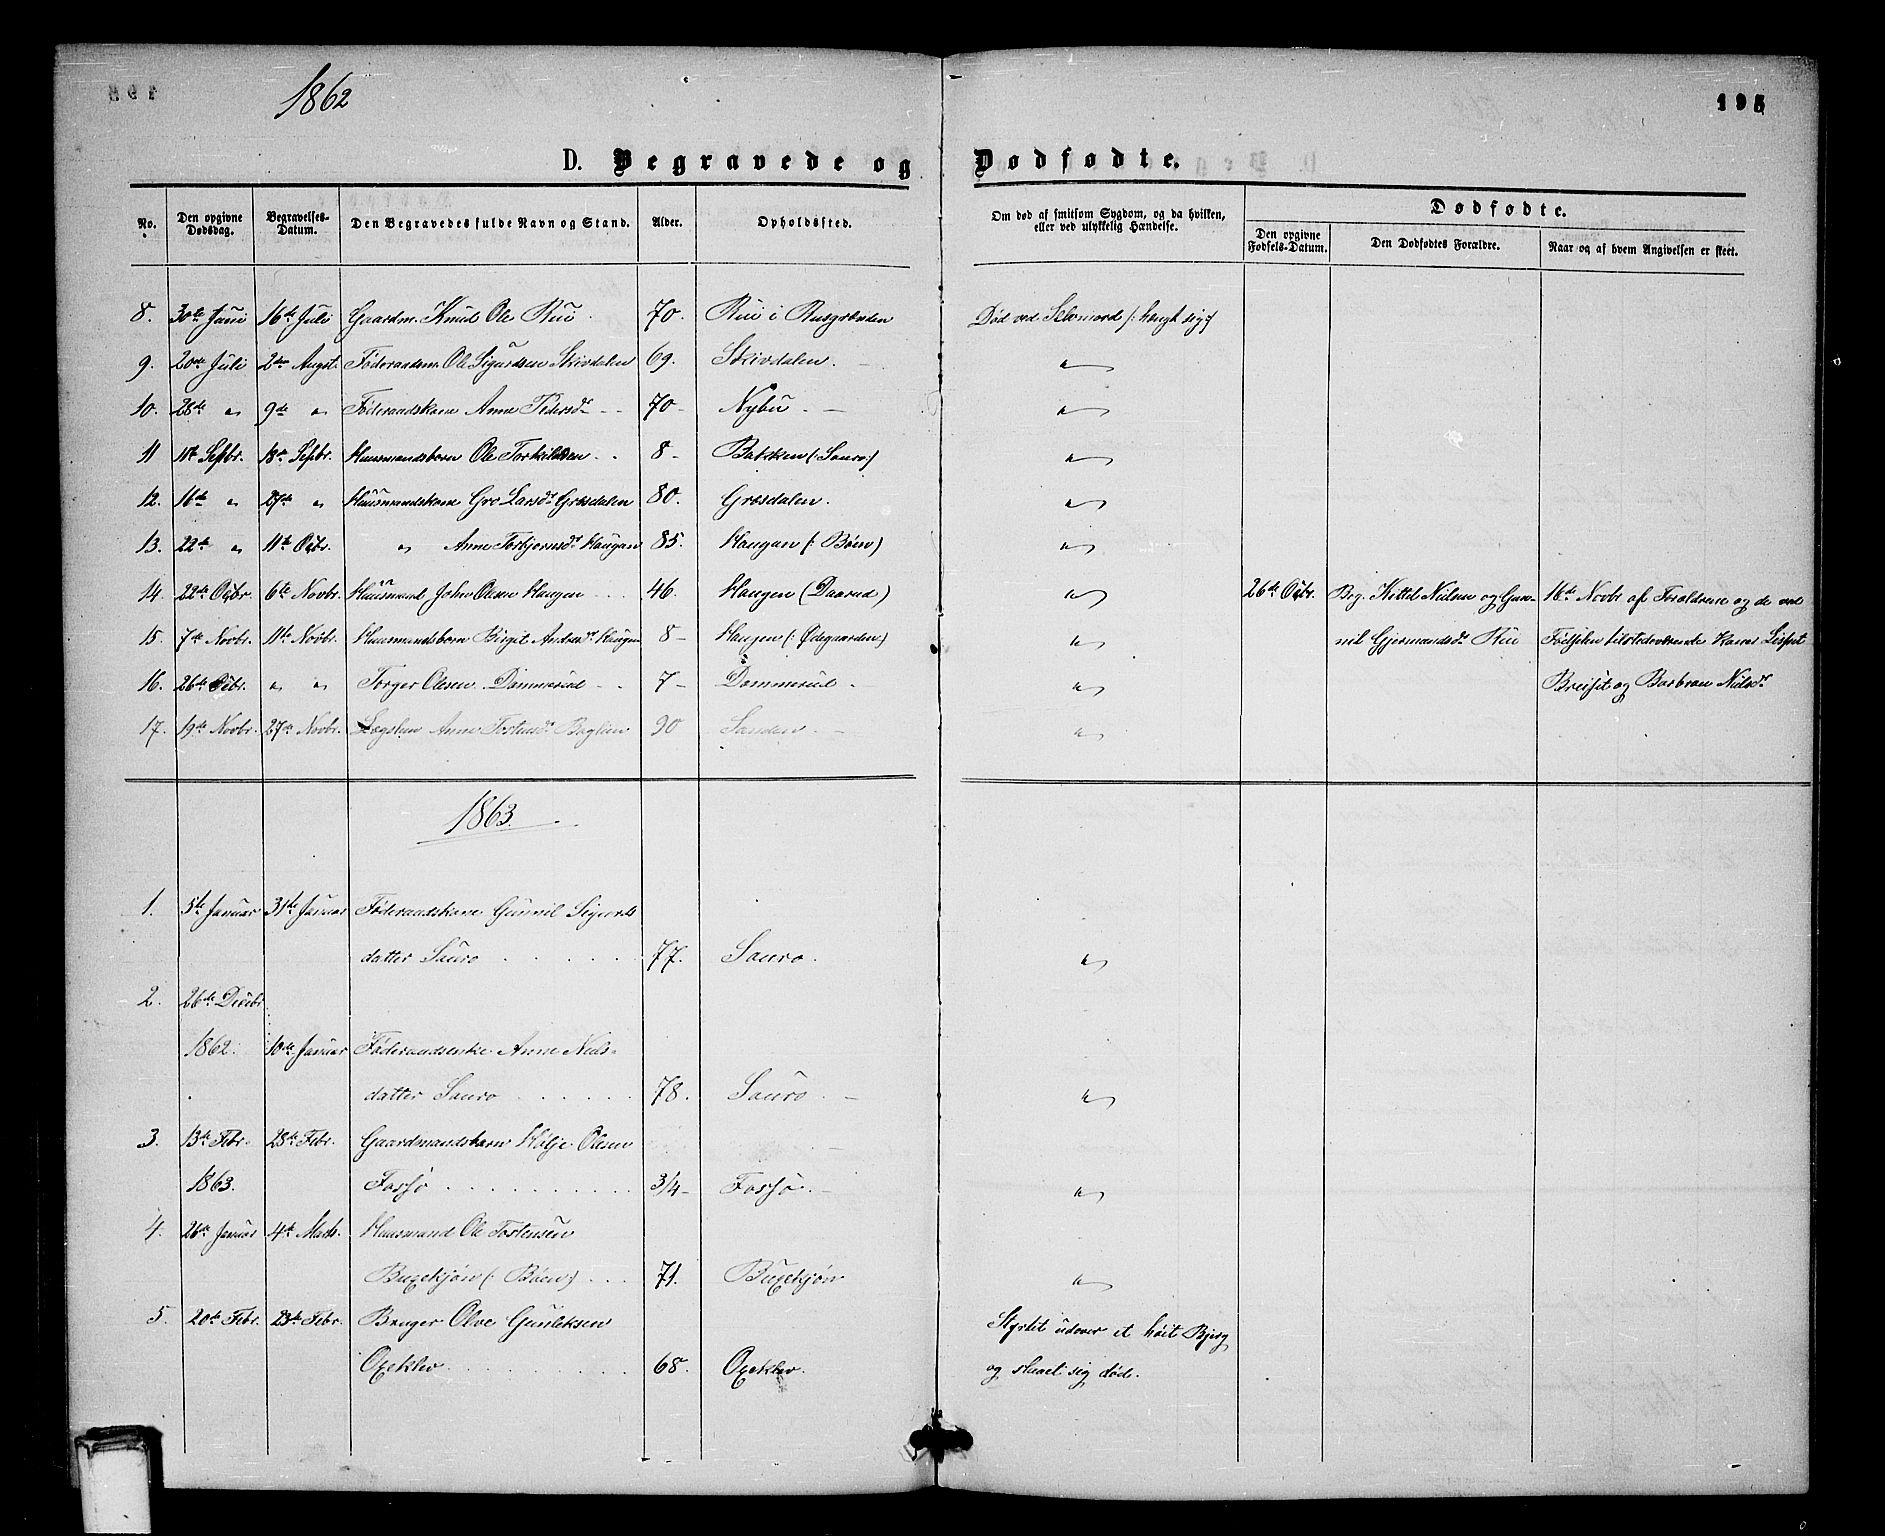 SAKO, Gransherad kirkebøker, G/Gb/L0002: Klokkerbok nr. II 2, 1860-1886, s. 195